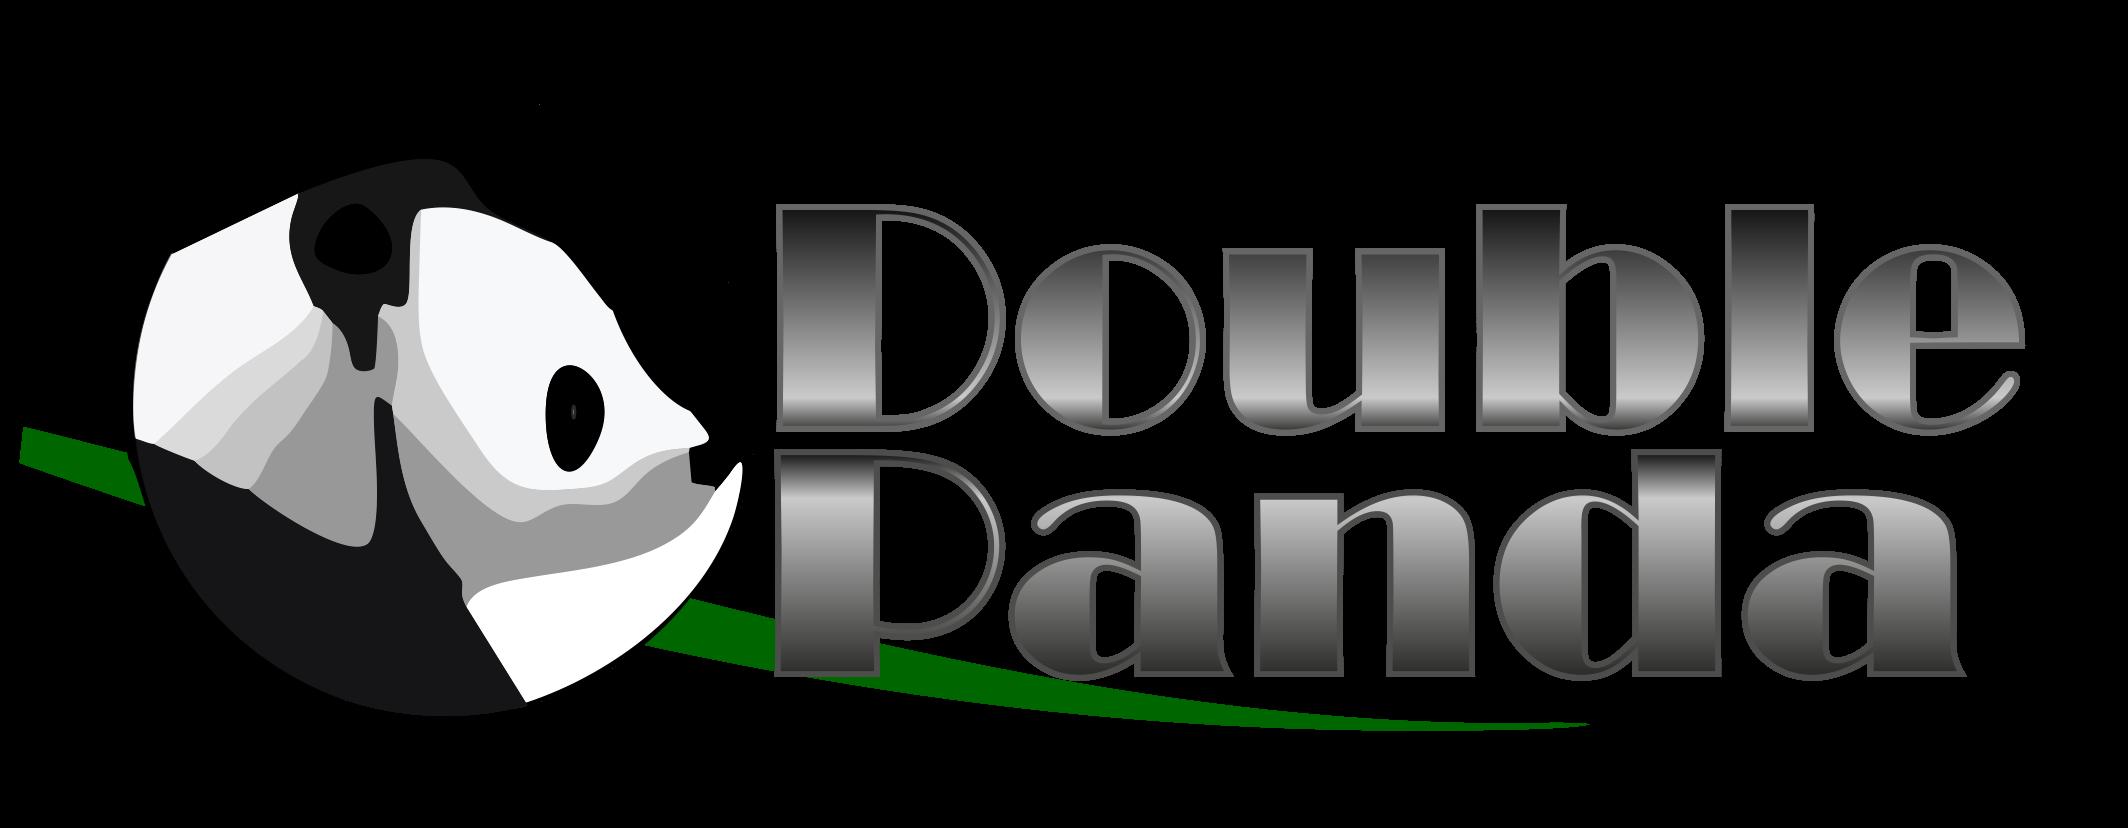 Логотип ----------------------------- фото f_616596c2082655b4.png